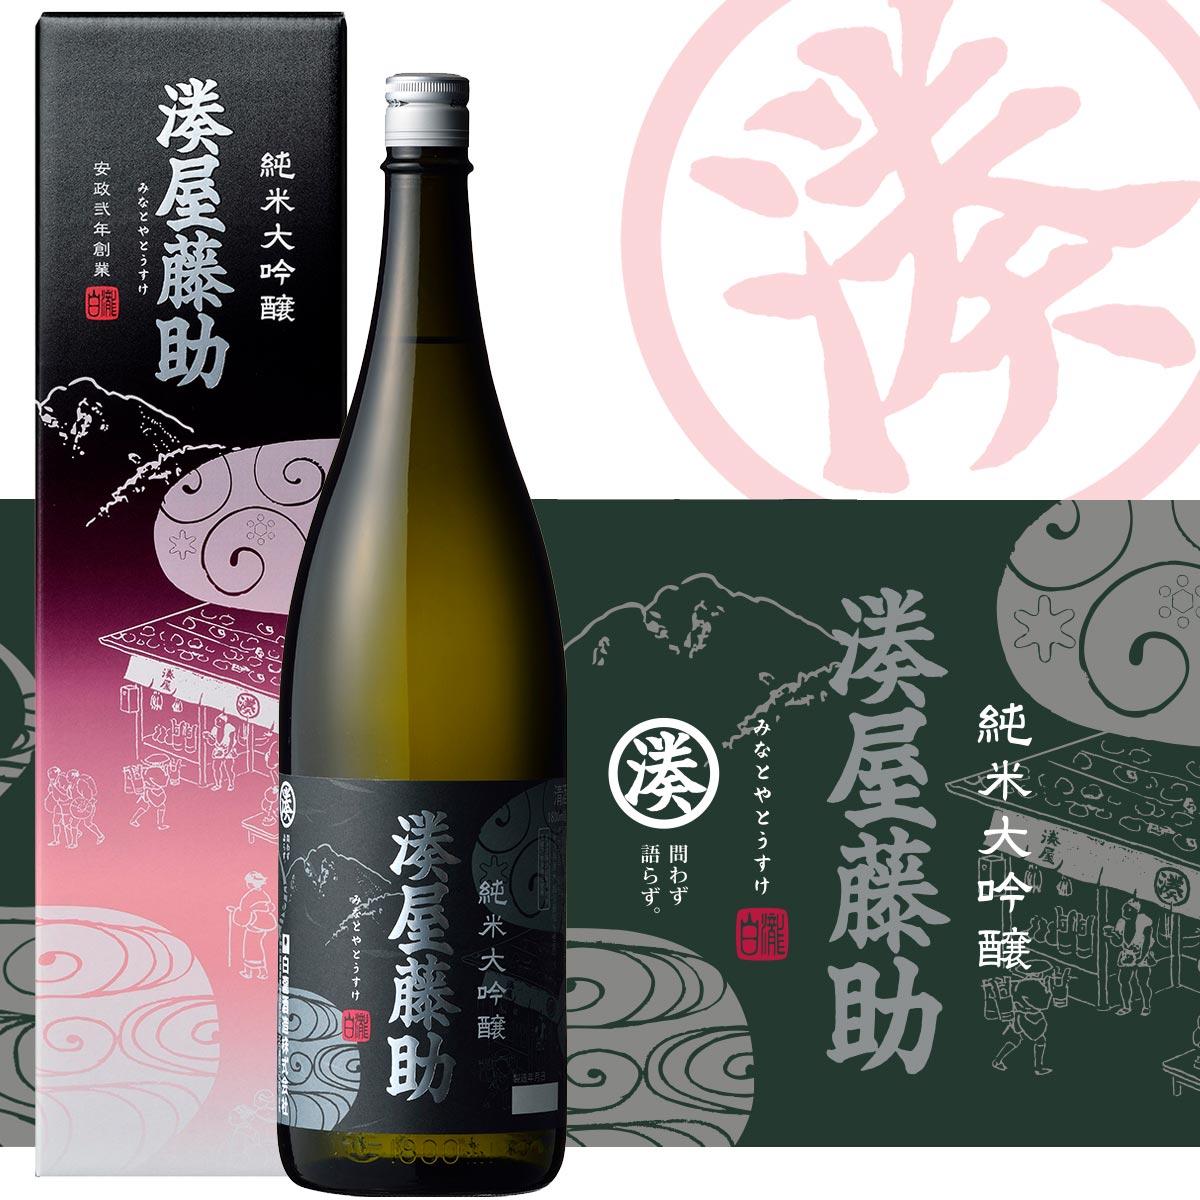 日本酒 ギフト 新潟【白瀧酒造】 湊屋藤助 純米大吟醸 1800ml